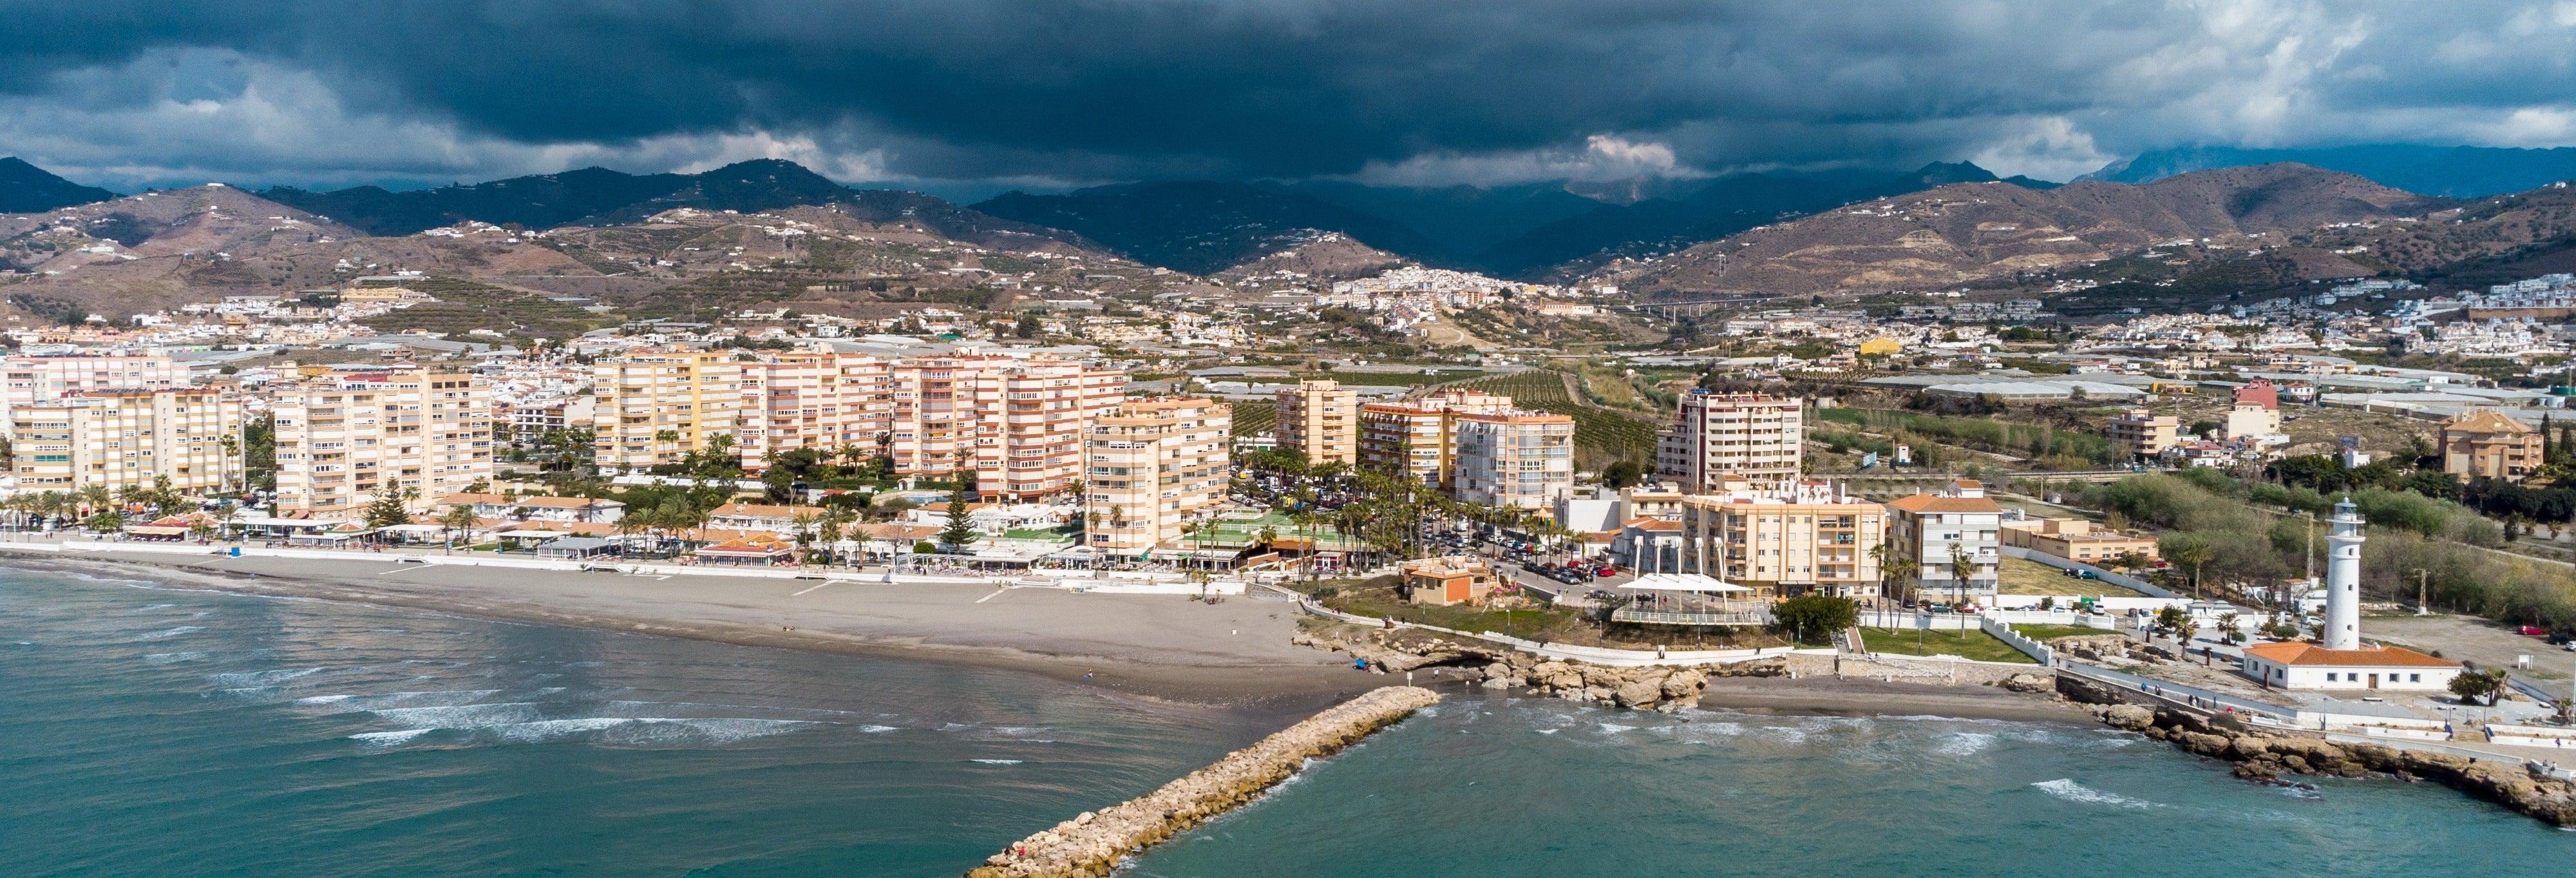 Excursión en barco por el Mediterráneo